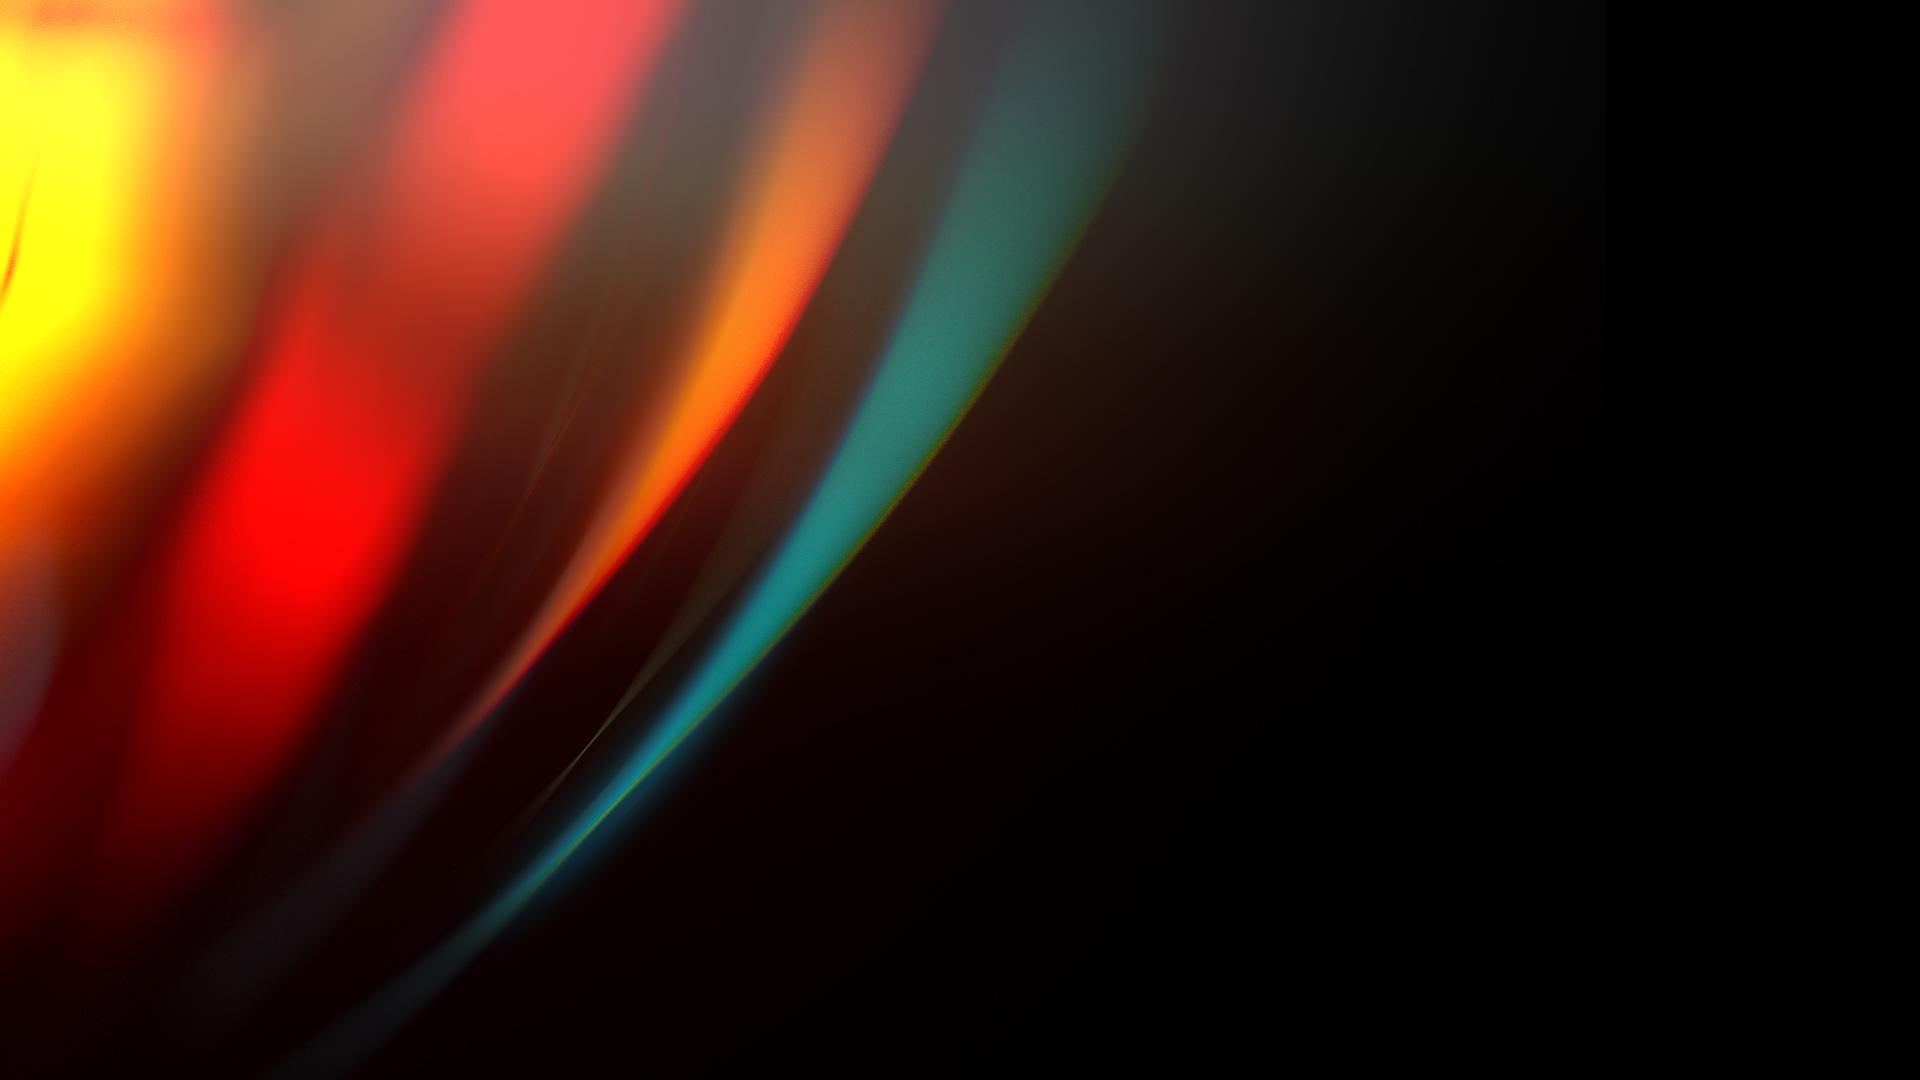 Glass_008_00000.jpg